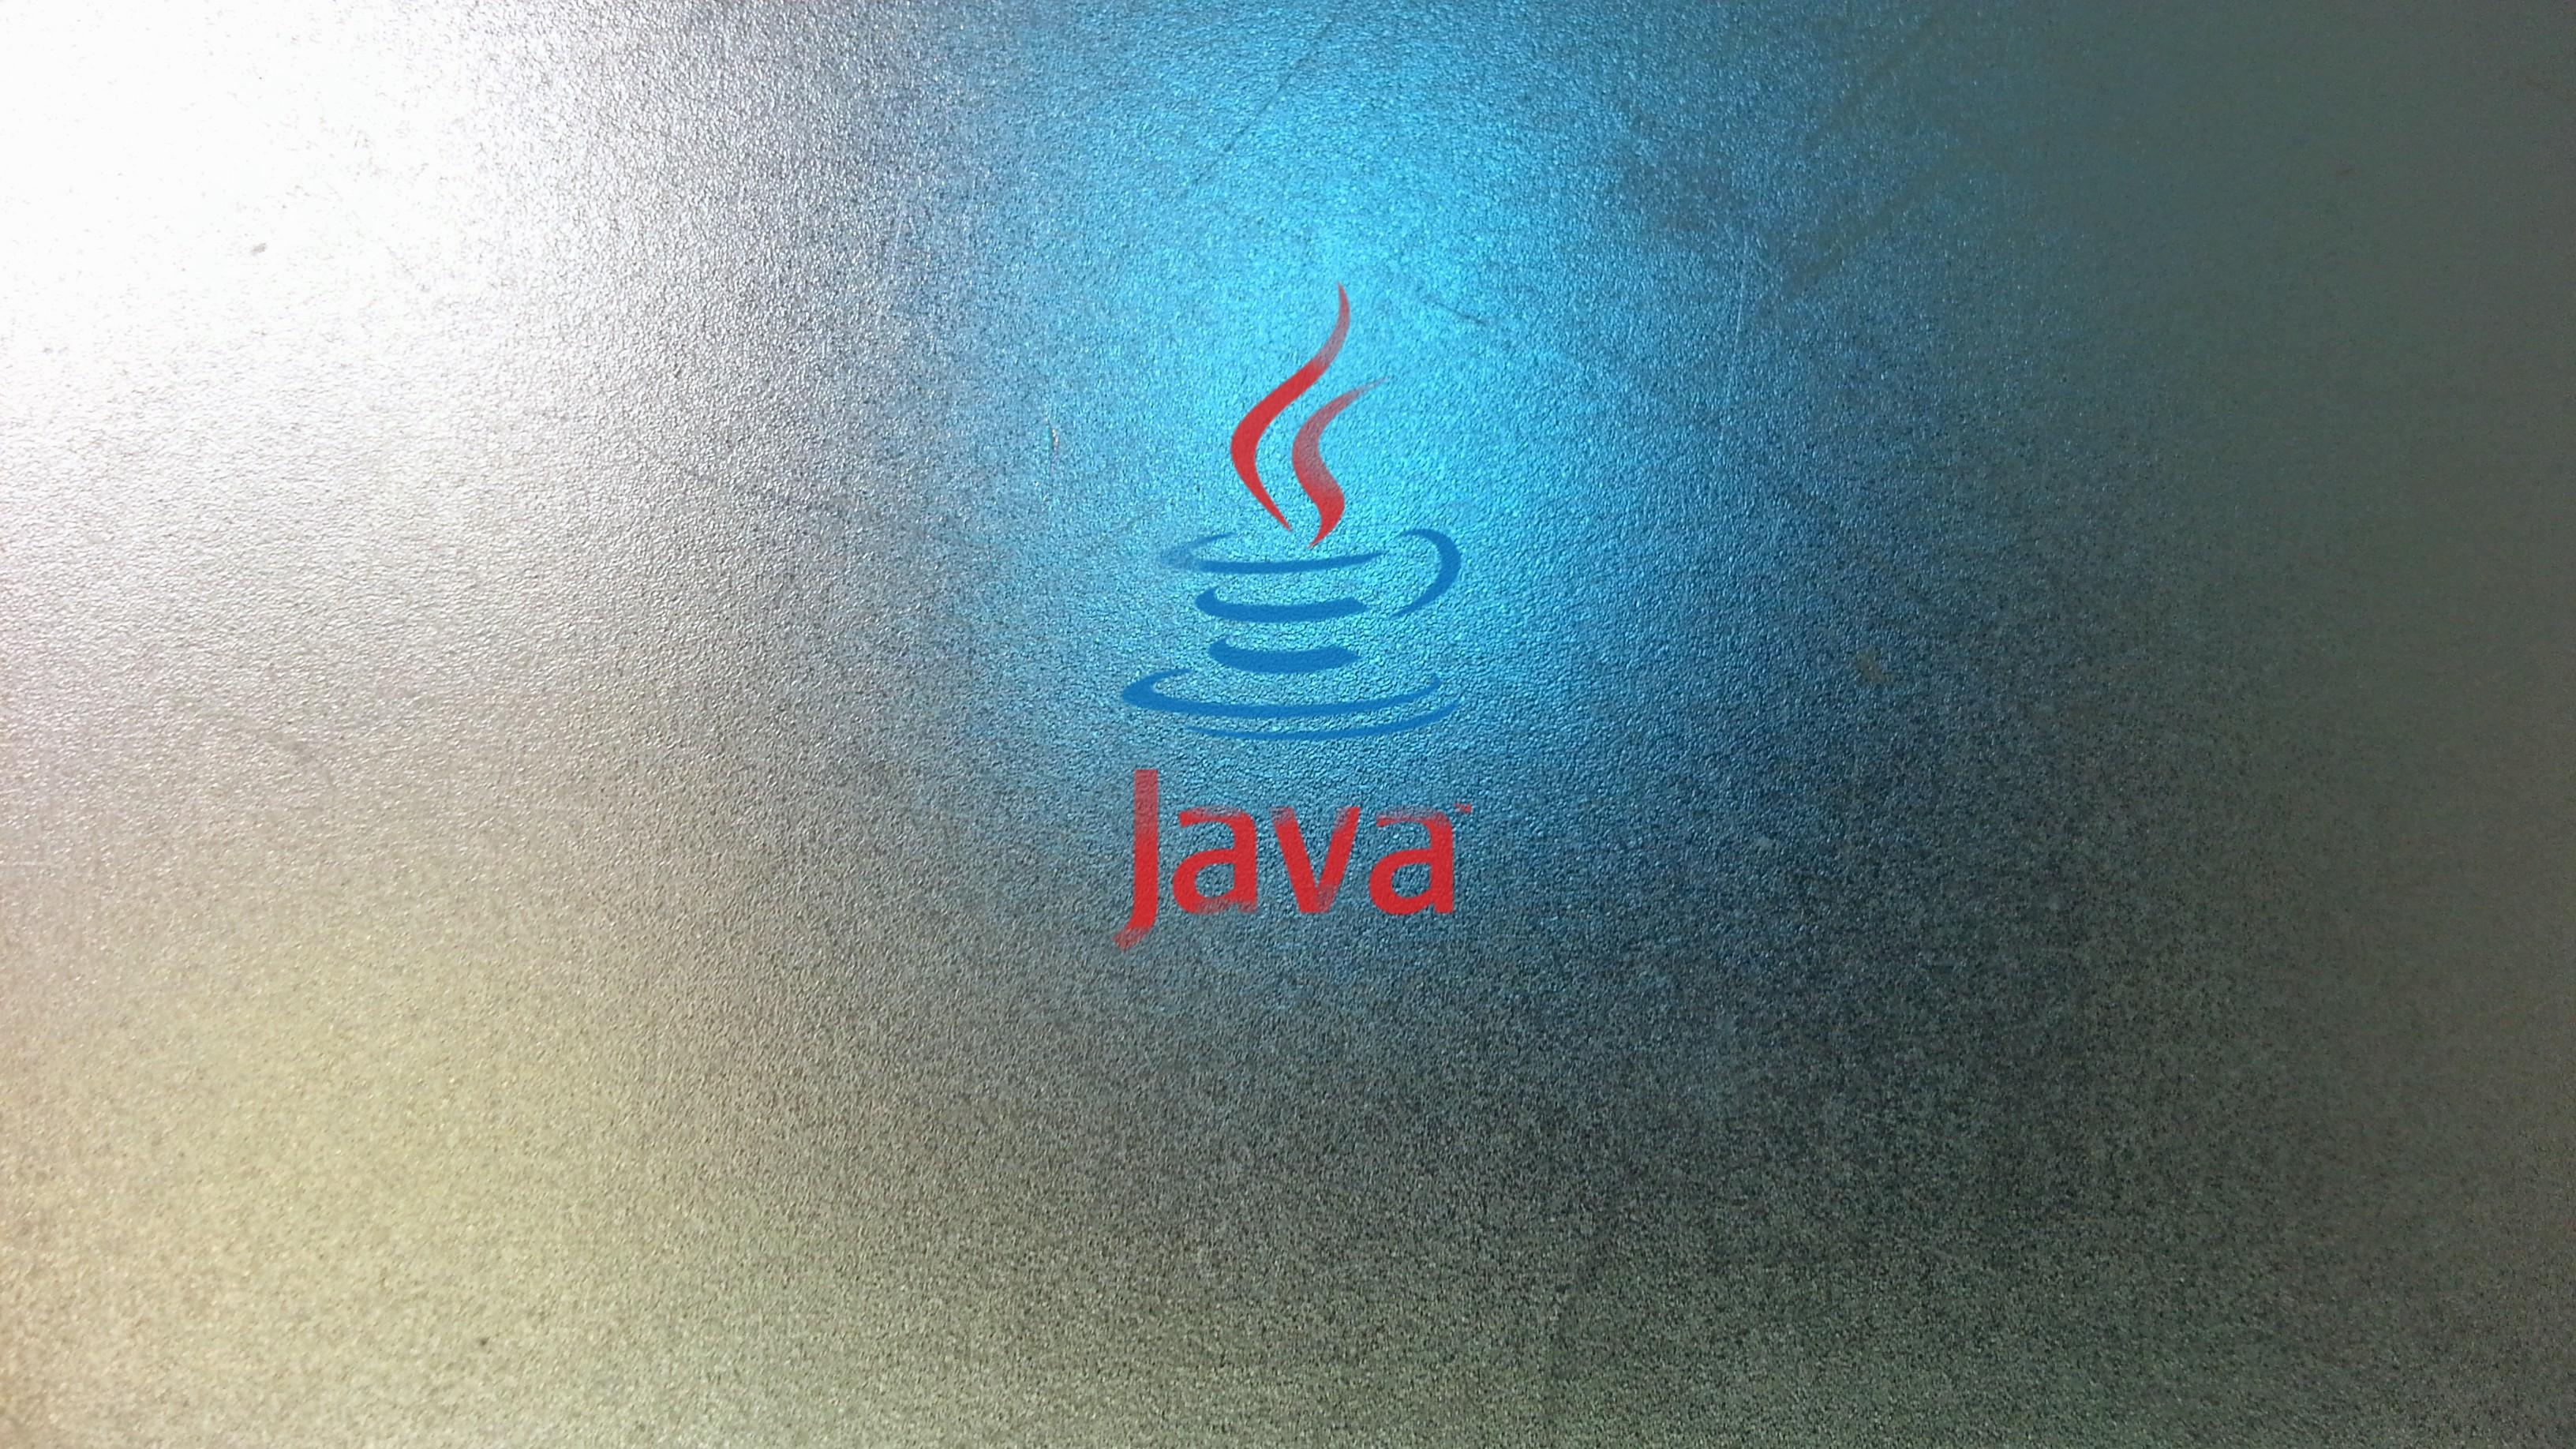 Download edit foto hp java 68